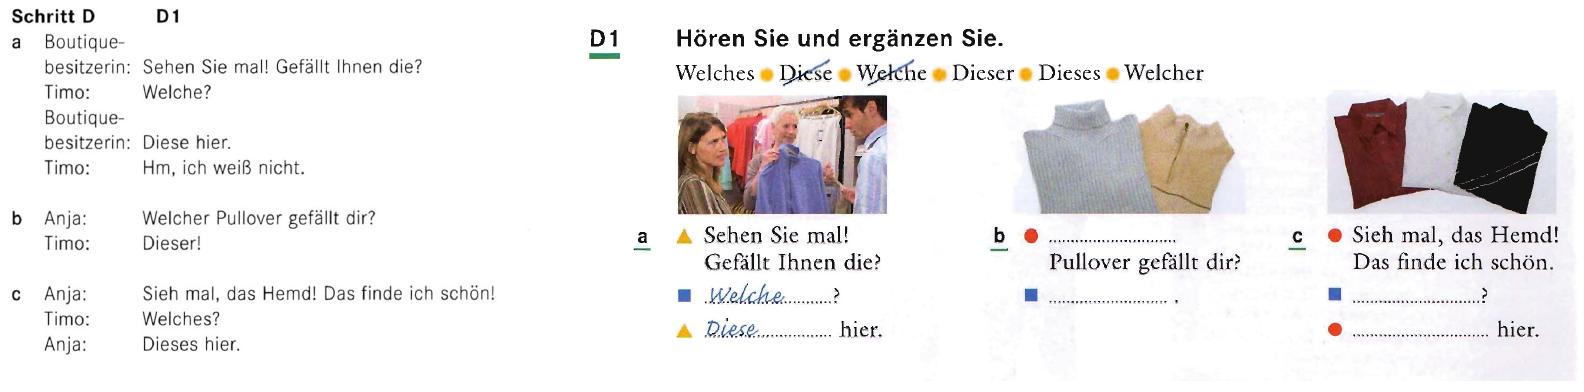 Schritte International 12 Lektion 13 Neue Kleider немецкий